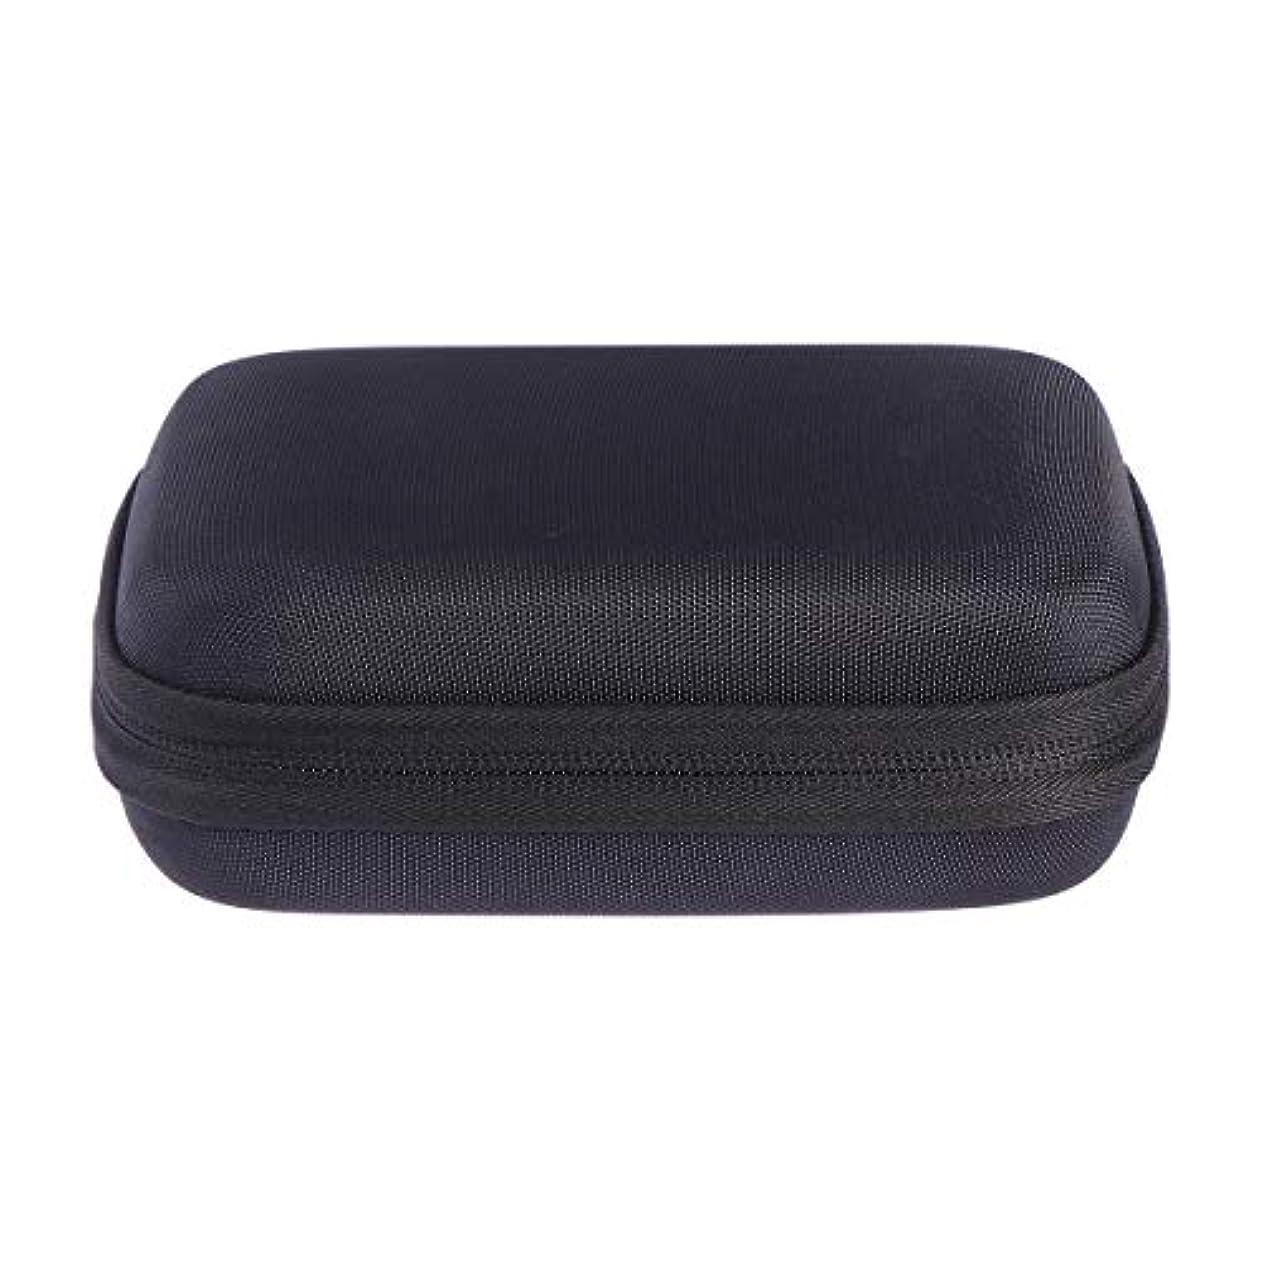 シャーク絶対の息切れSUPVOX エッセンシャルオイルバッグキャリングケースオーガナイザーローラーボトル収納袋10スロットハードシェルオイルケースホルダー(ブラック)